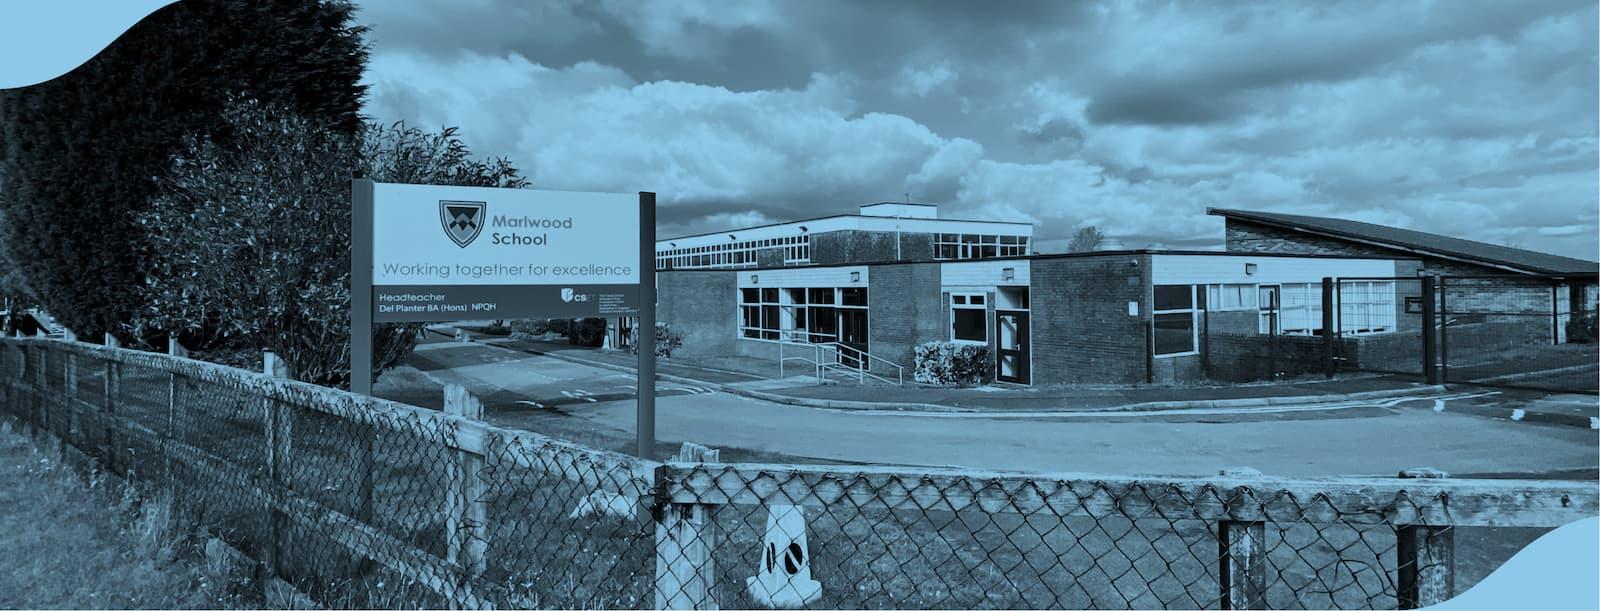 Marlwood School